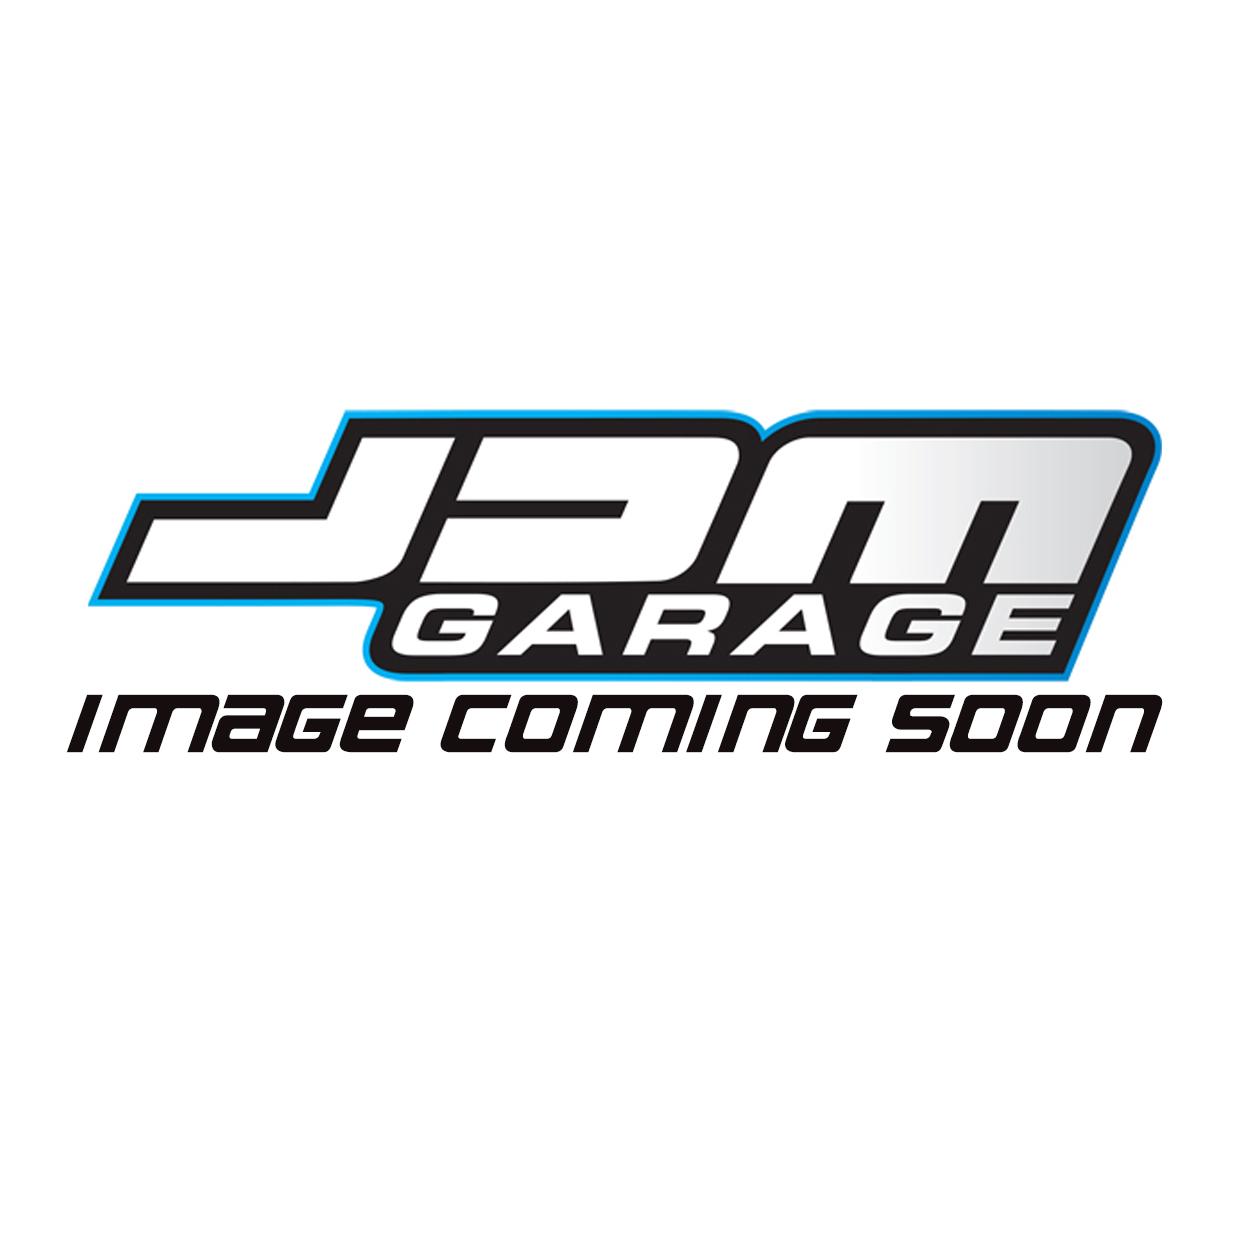 JDM Garage Keyring